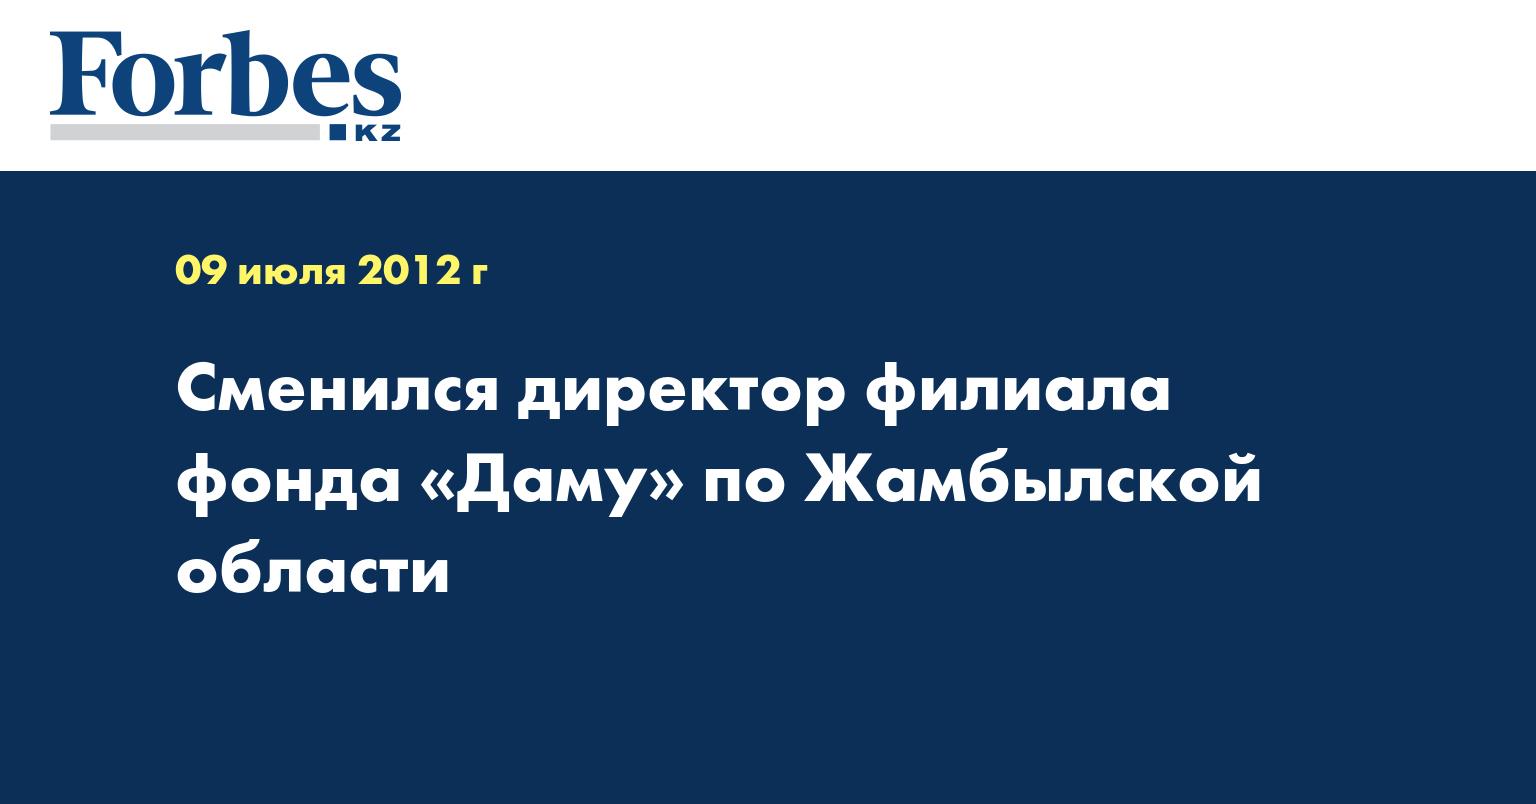 Сменился директор филиала фонда «Даму» по Жамбылской области